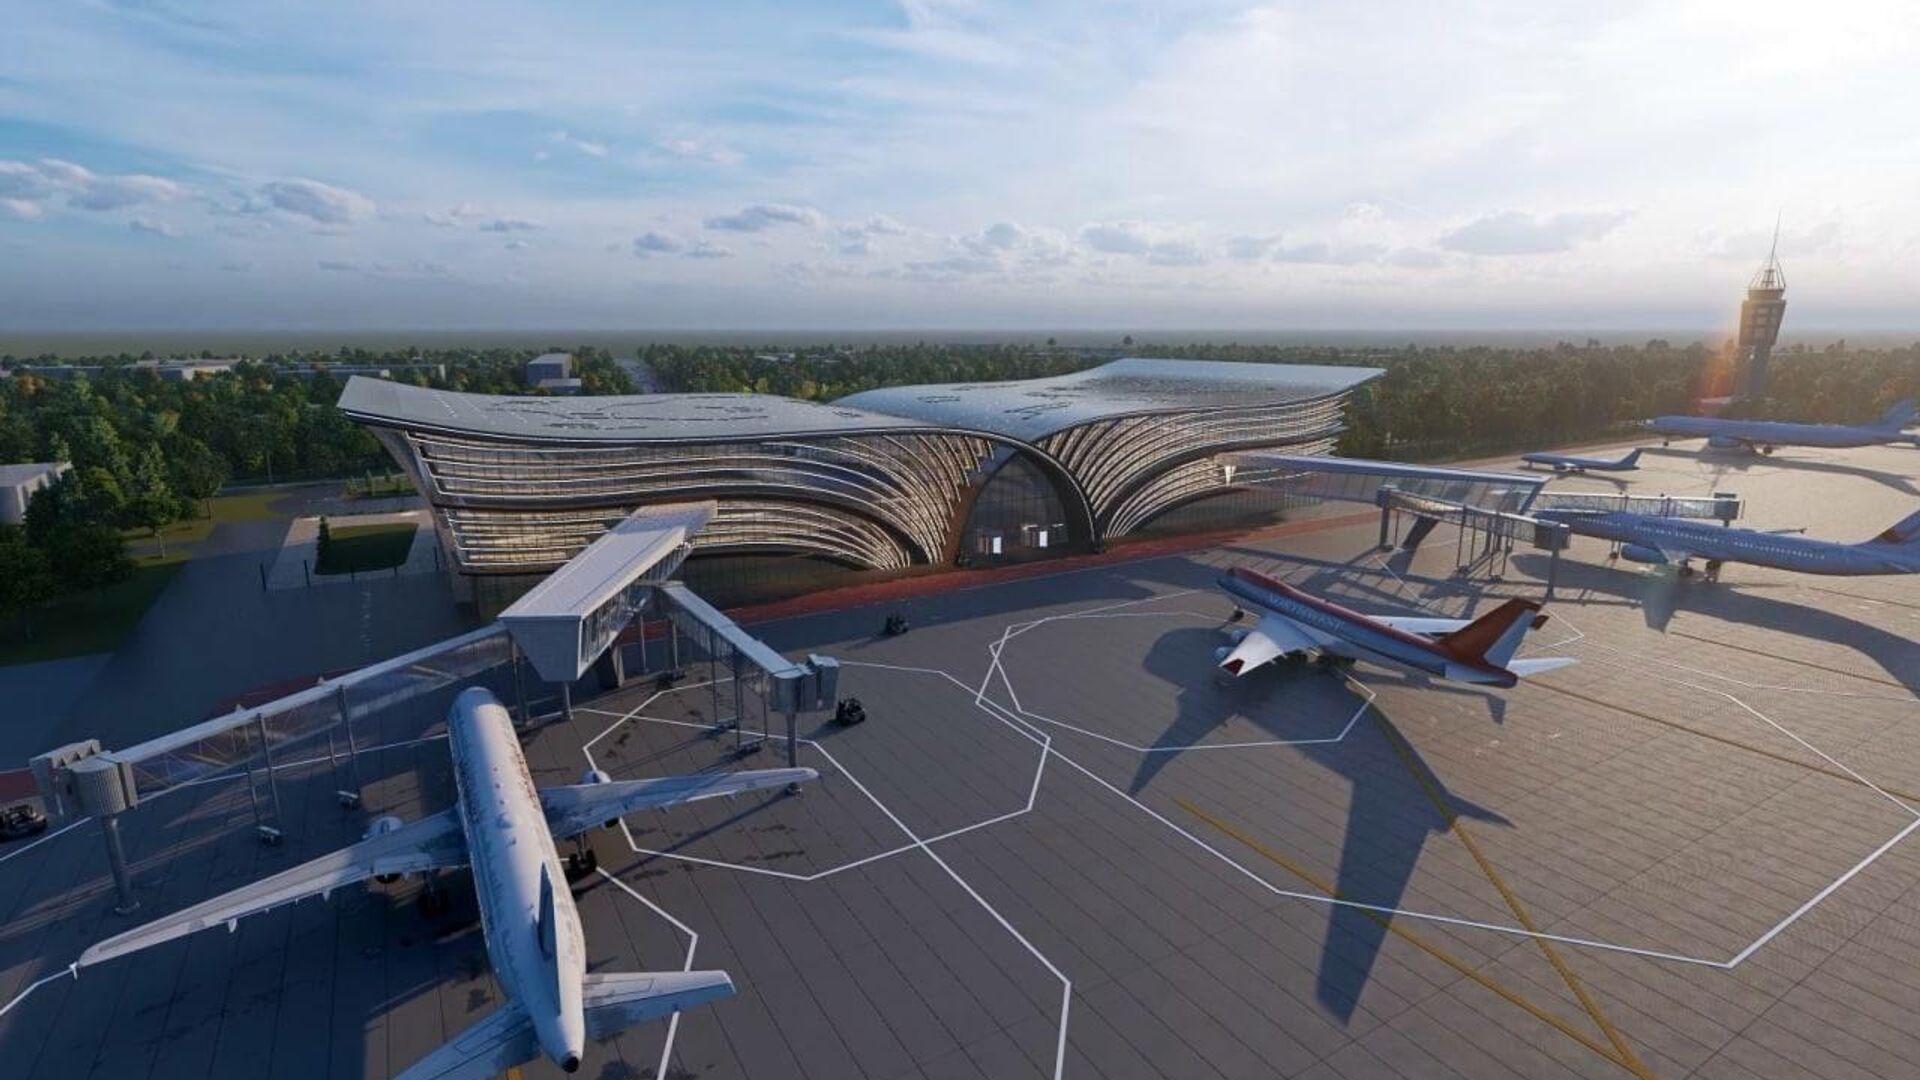 Проект по модернизации и эксплуатации международного аэропорта Самарканда - Sputnik Узбекистан, 1920, 21.09.2021